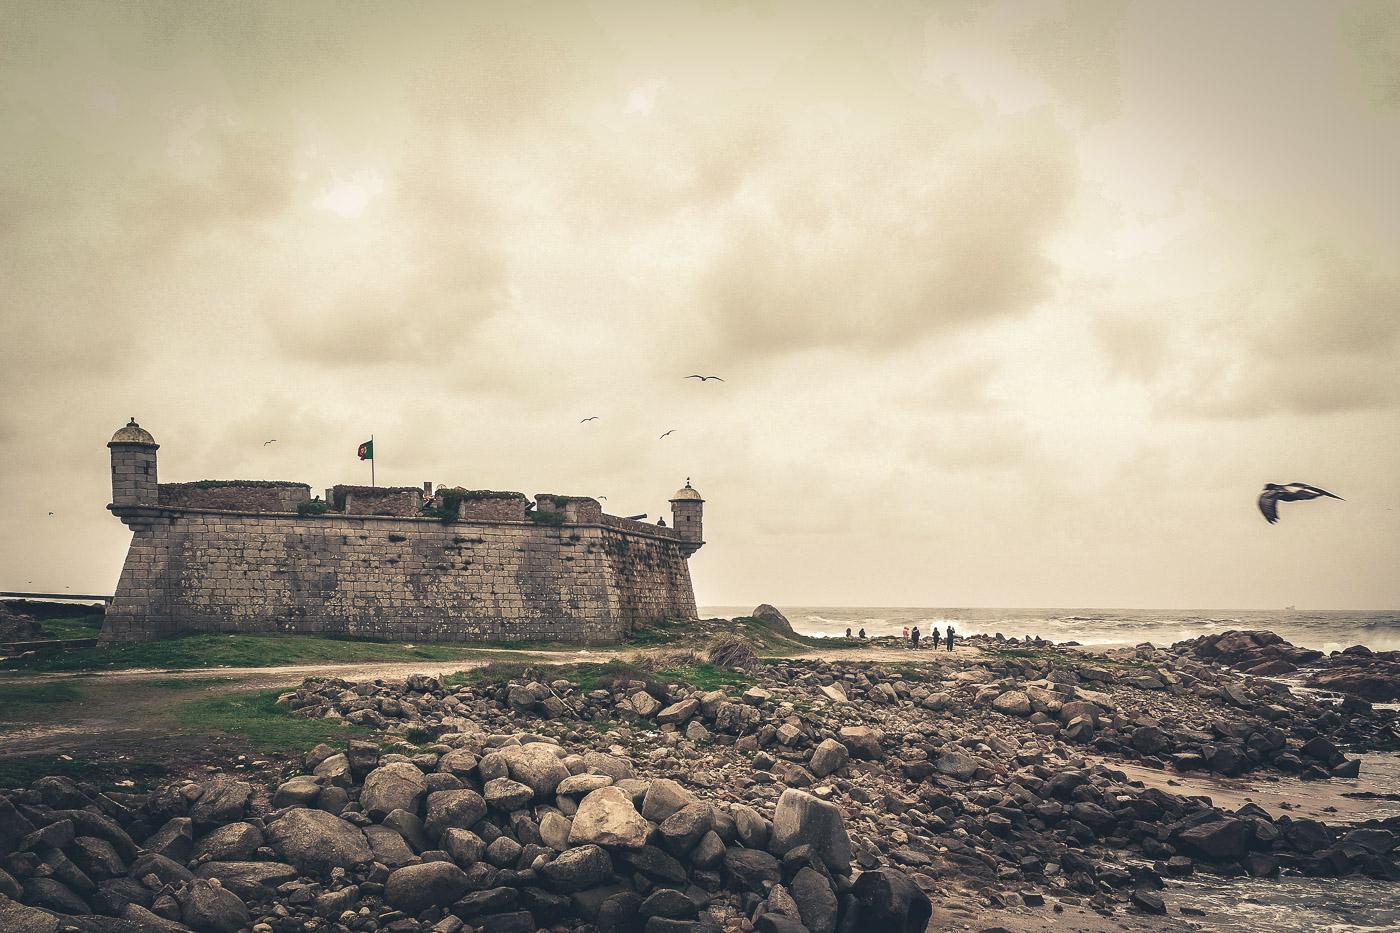 hb images - Porto - ocean walk - 9